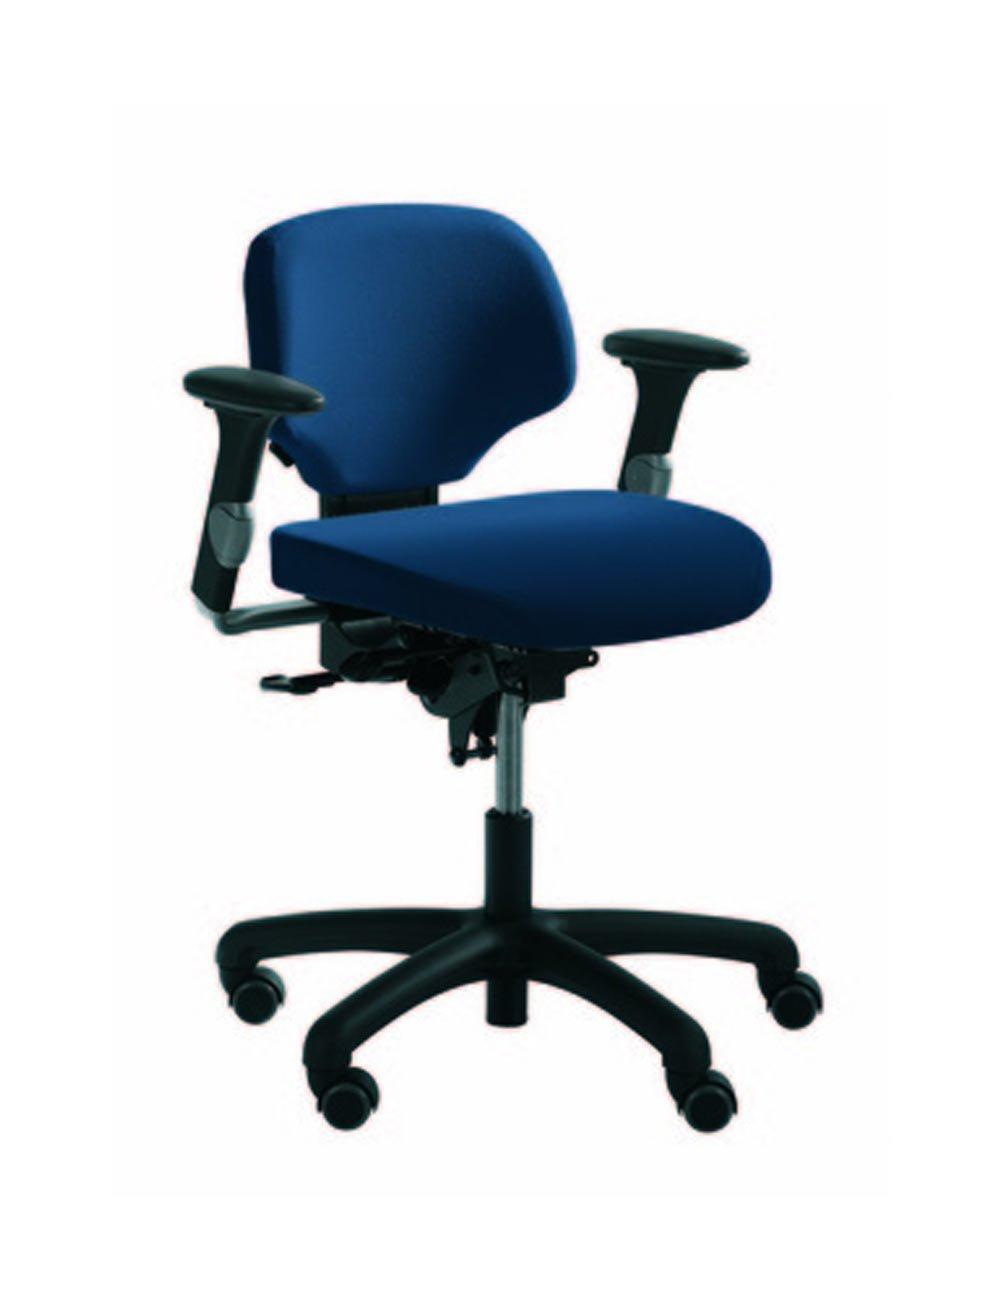 RH Activ 202 Chair